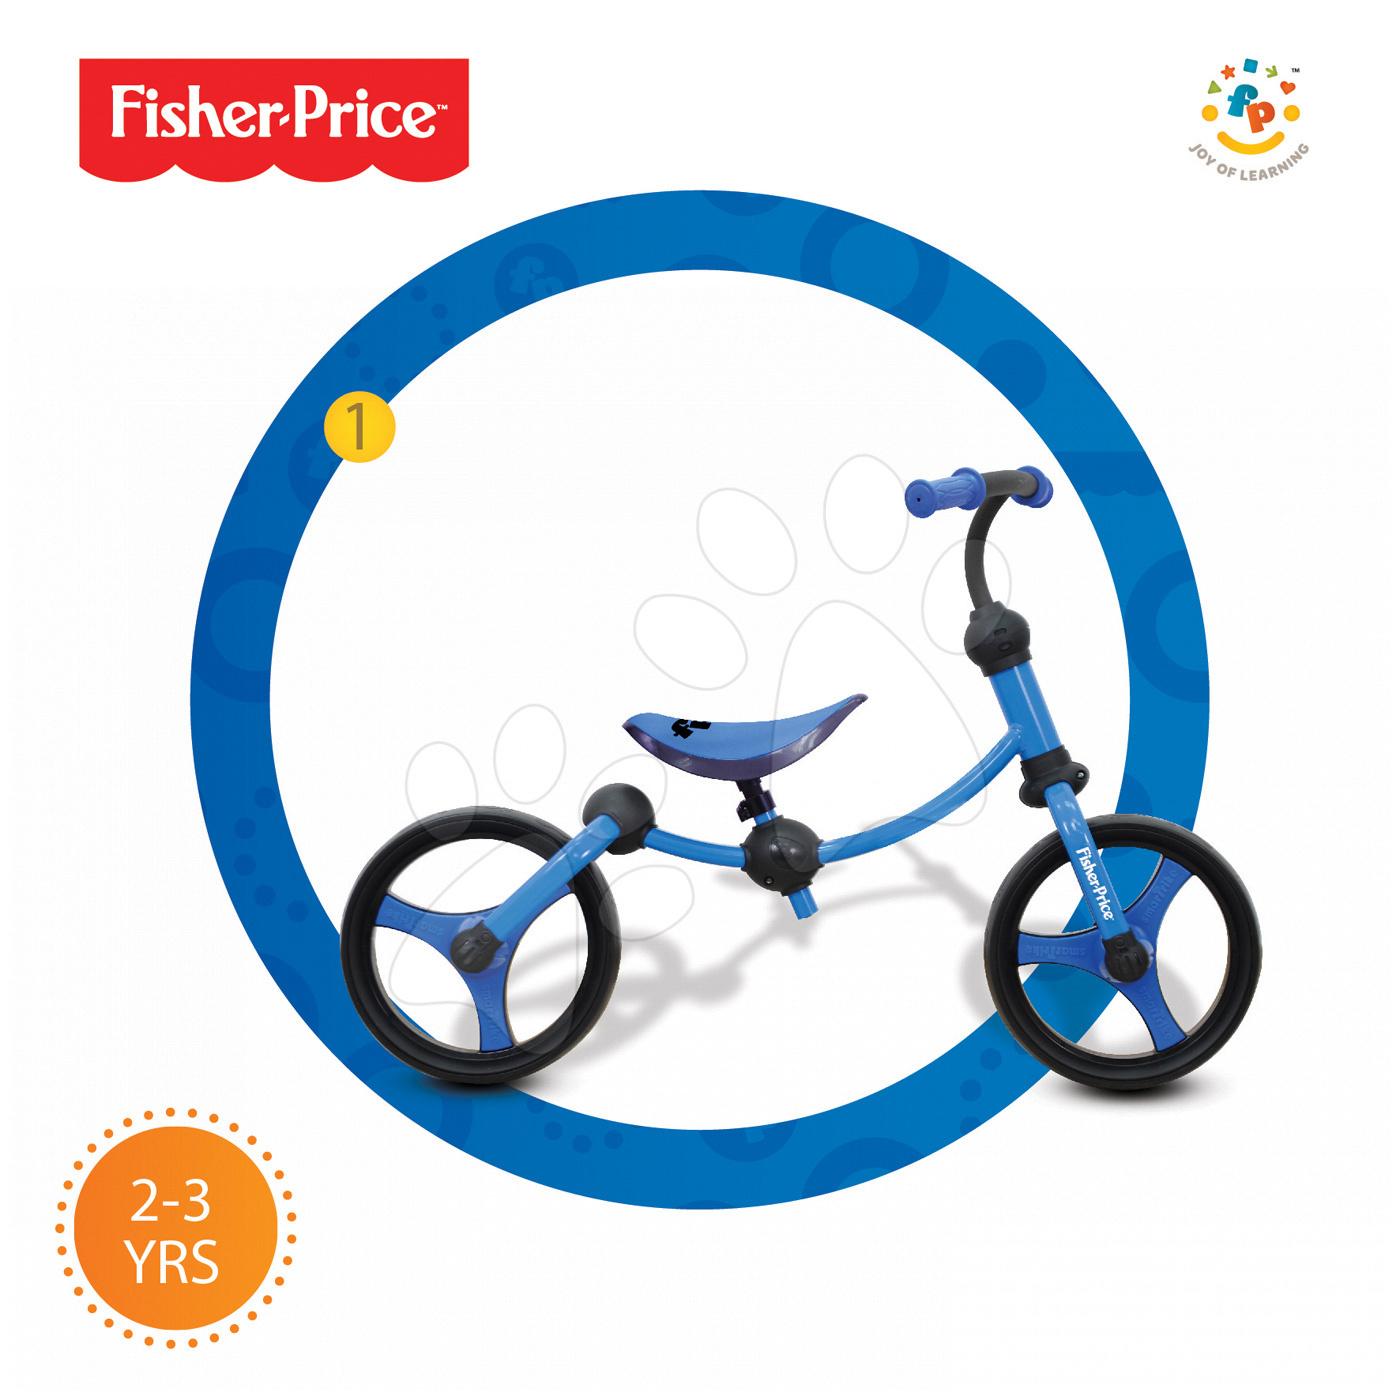 Balanční odrážedlo Fisher-Price Running Bike 2v1 smarTrike modro-černé od 24 měsíců